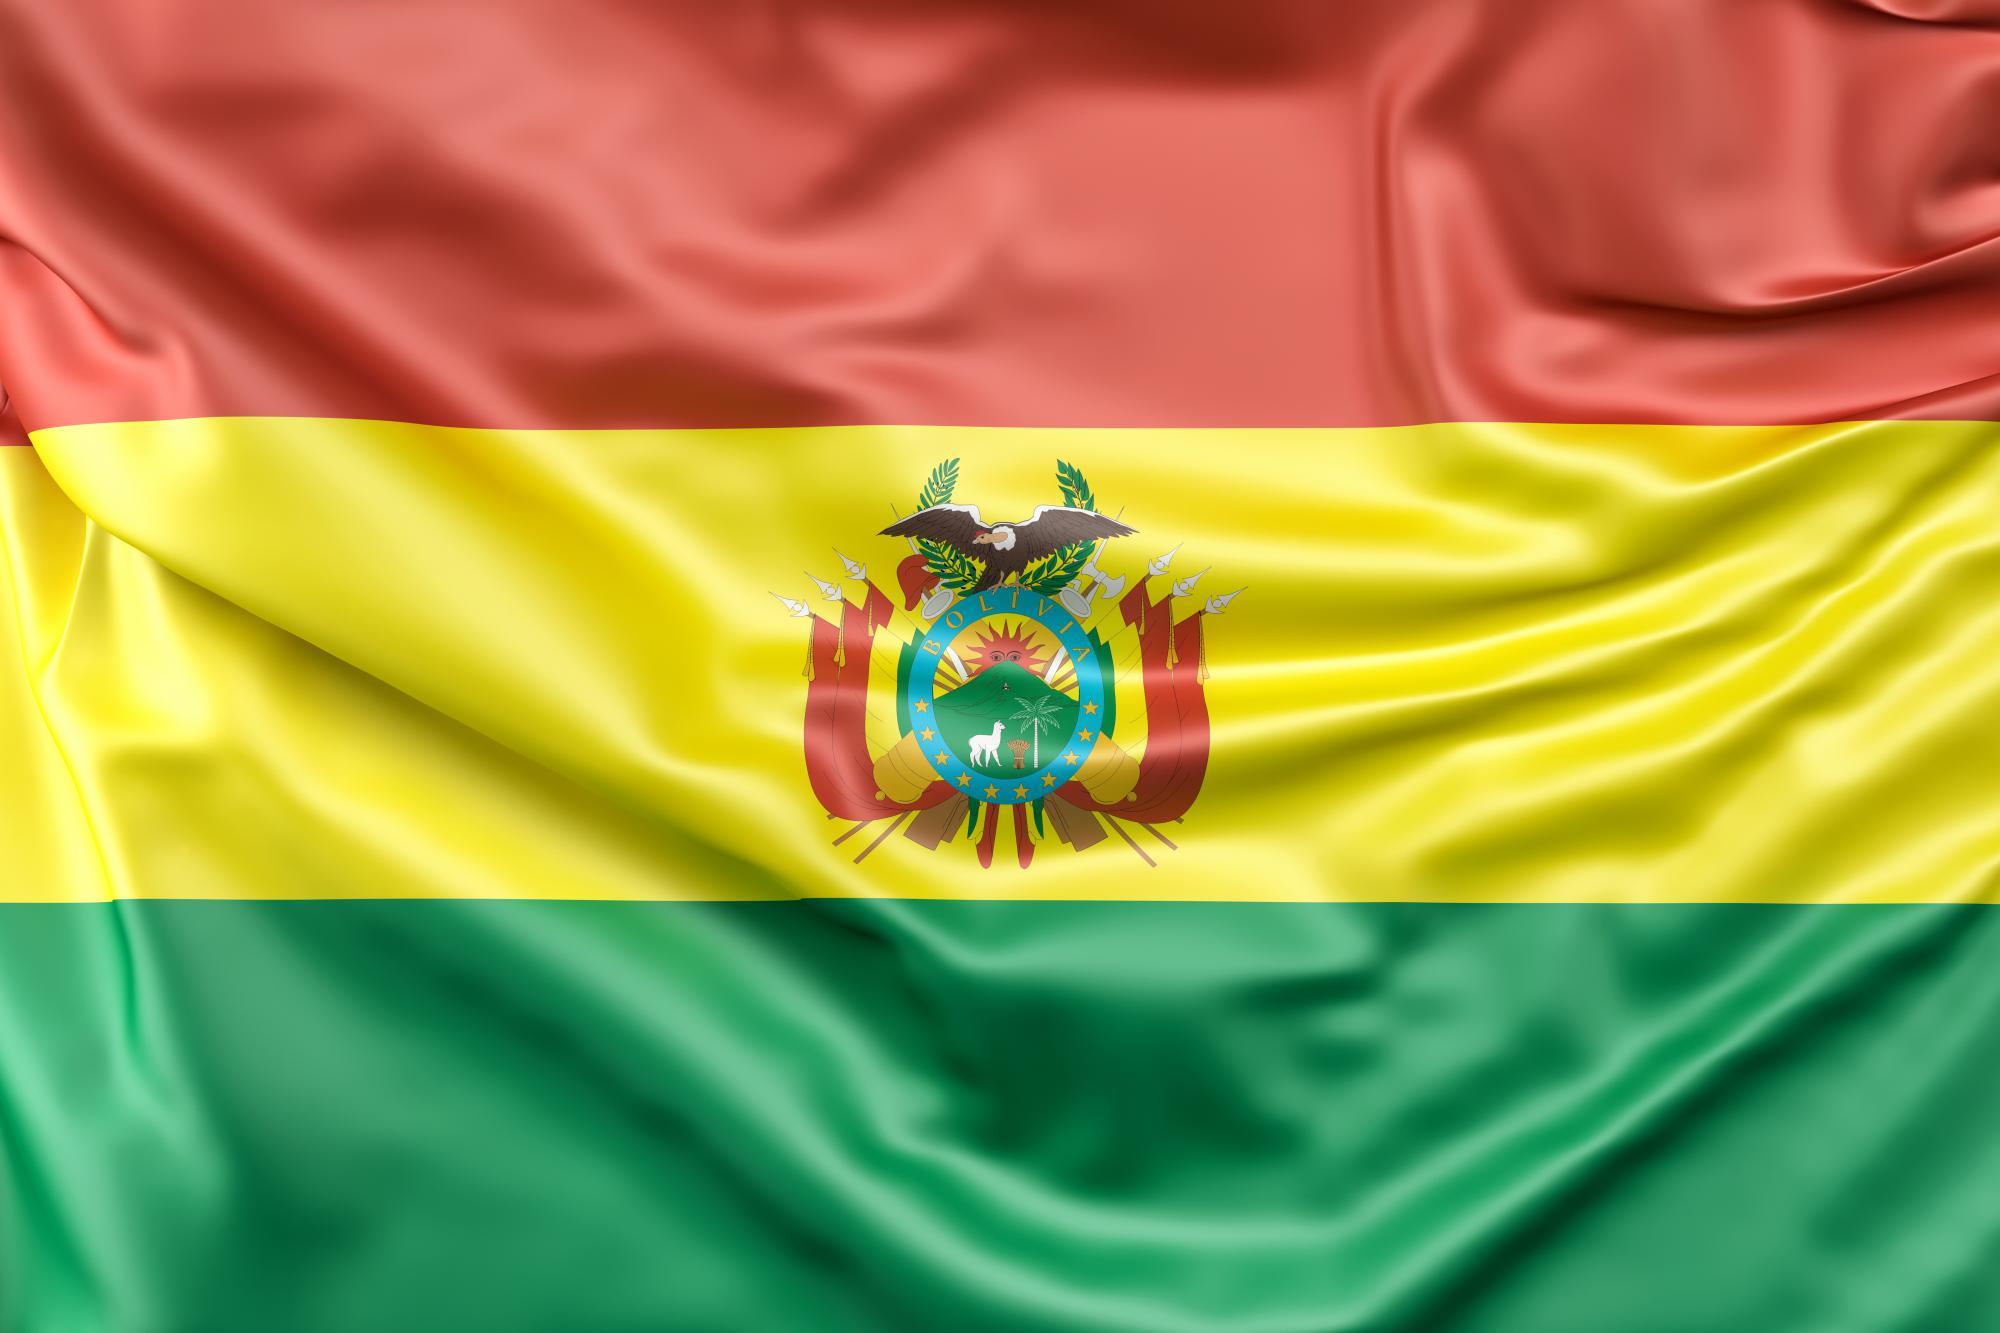 Боливия уточнила правила для льготного налогового режима по поддержке предпринимательства